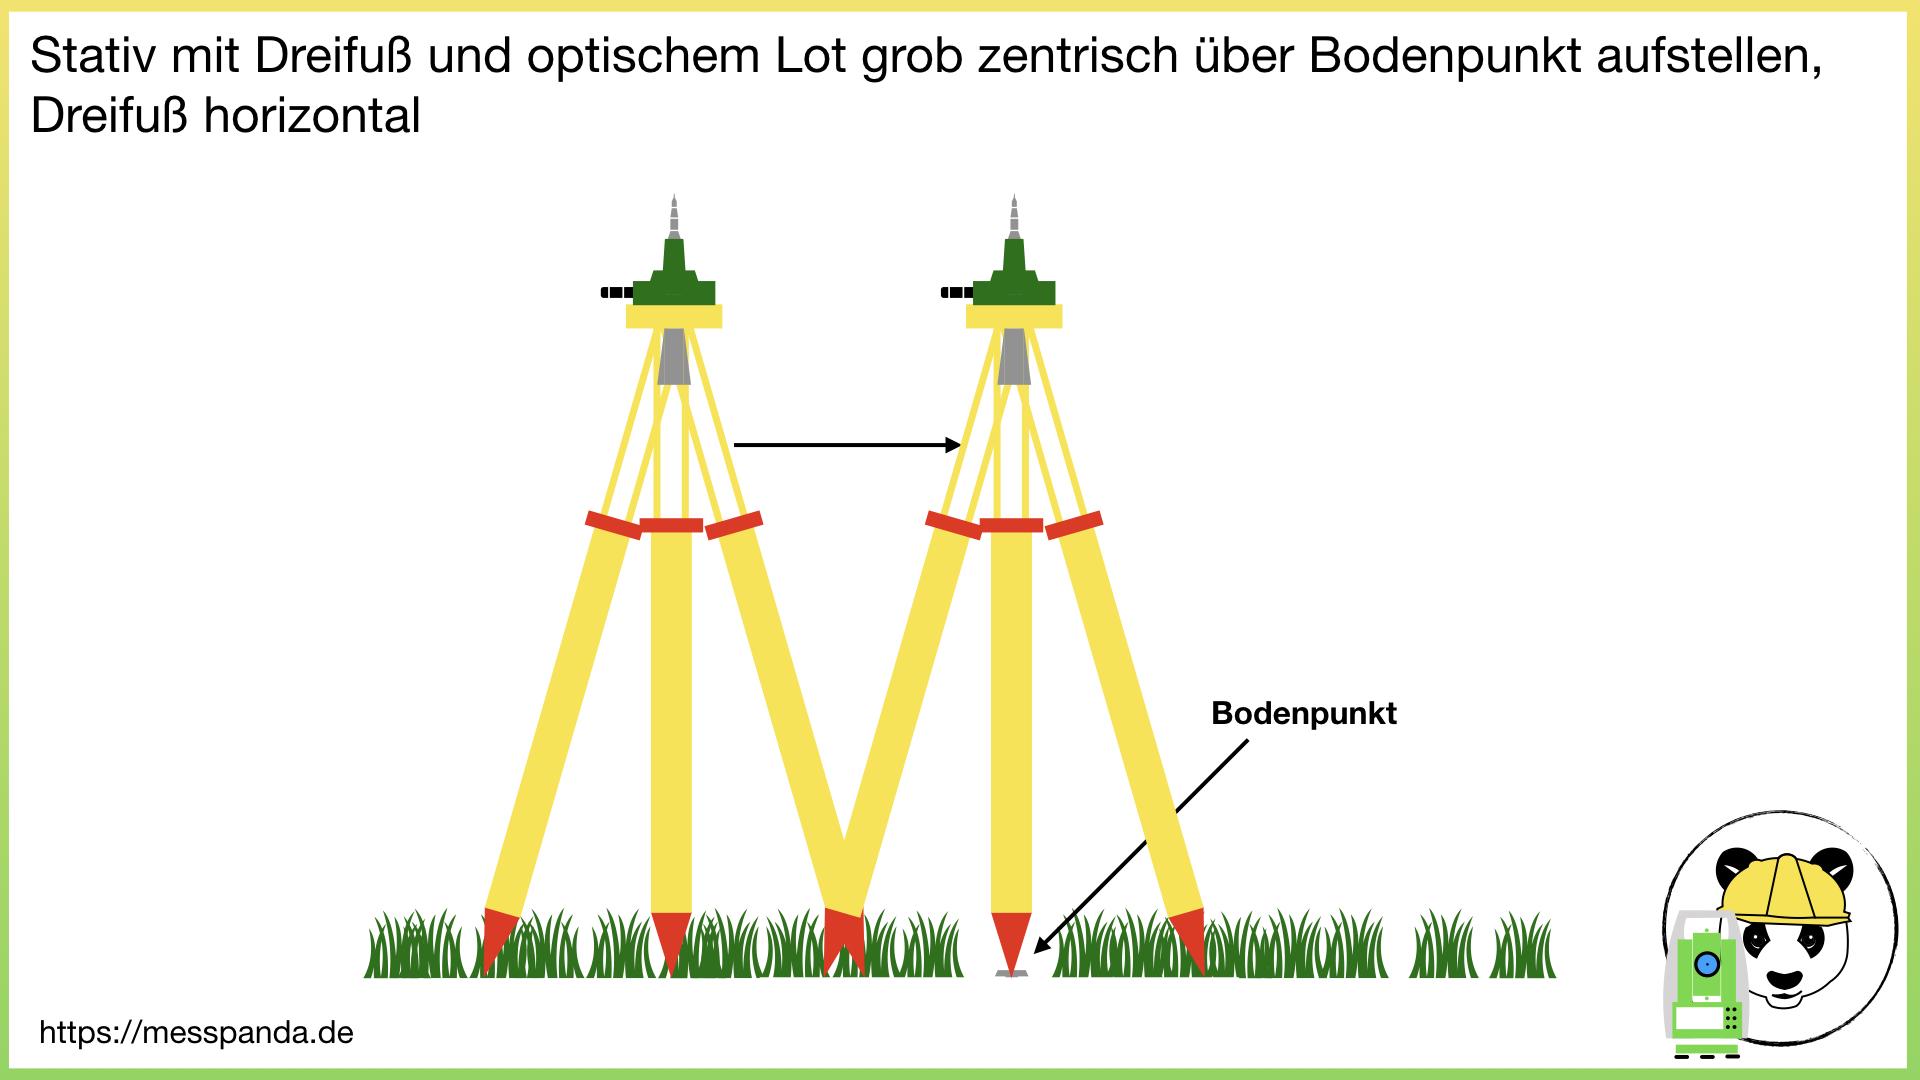 Stativ mit Dreifuß und optischem Lot grob zentrisch über Bodenpunkt aufstellen, Dreifuß horizontal